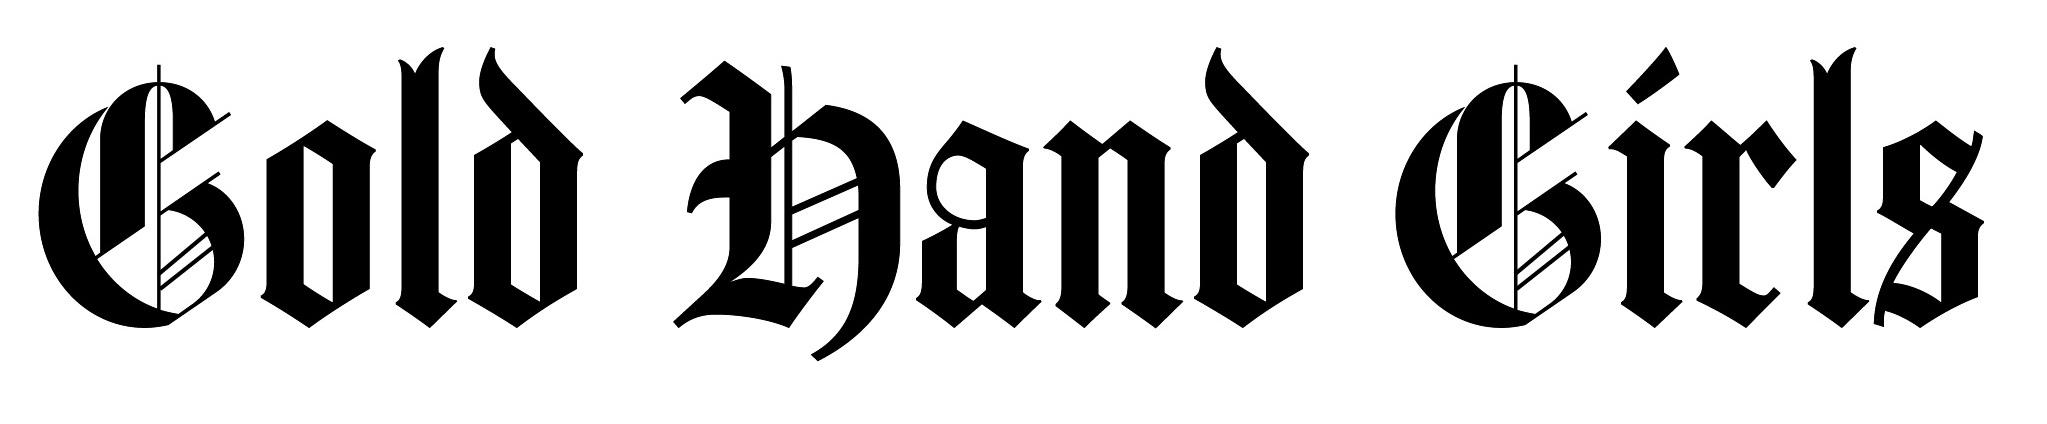 wordmark-black.jpg